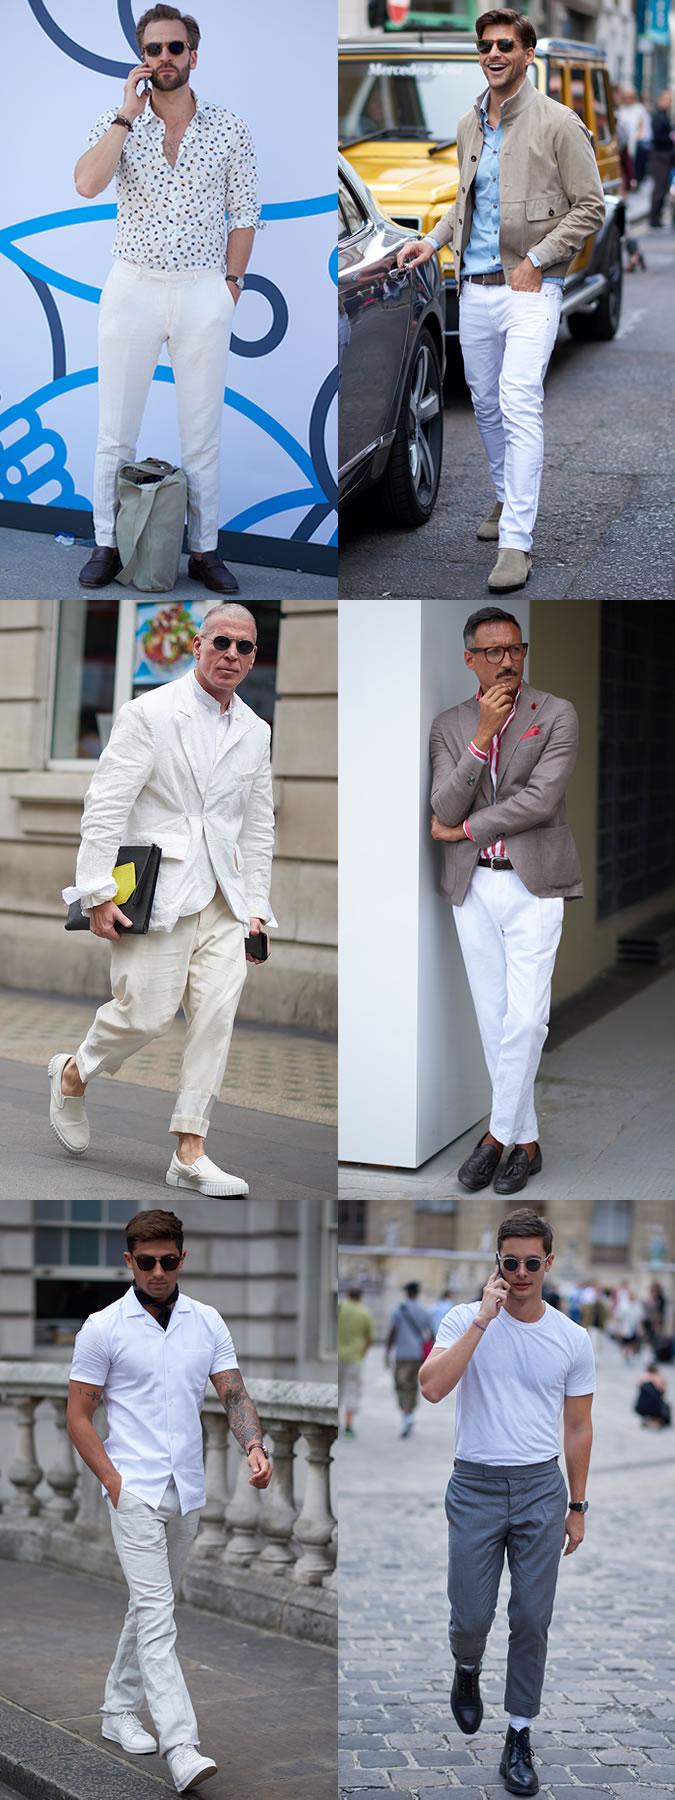 Парни в брюках или футболках белого цвета